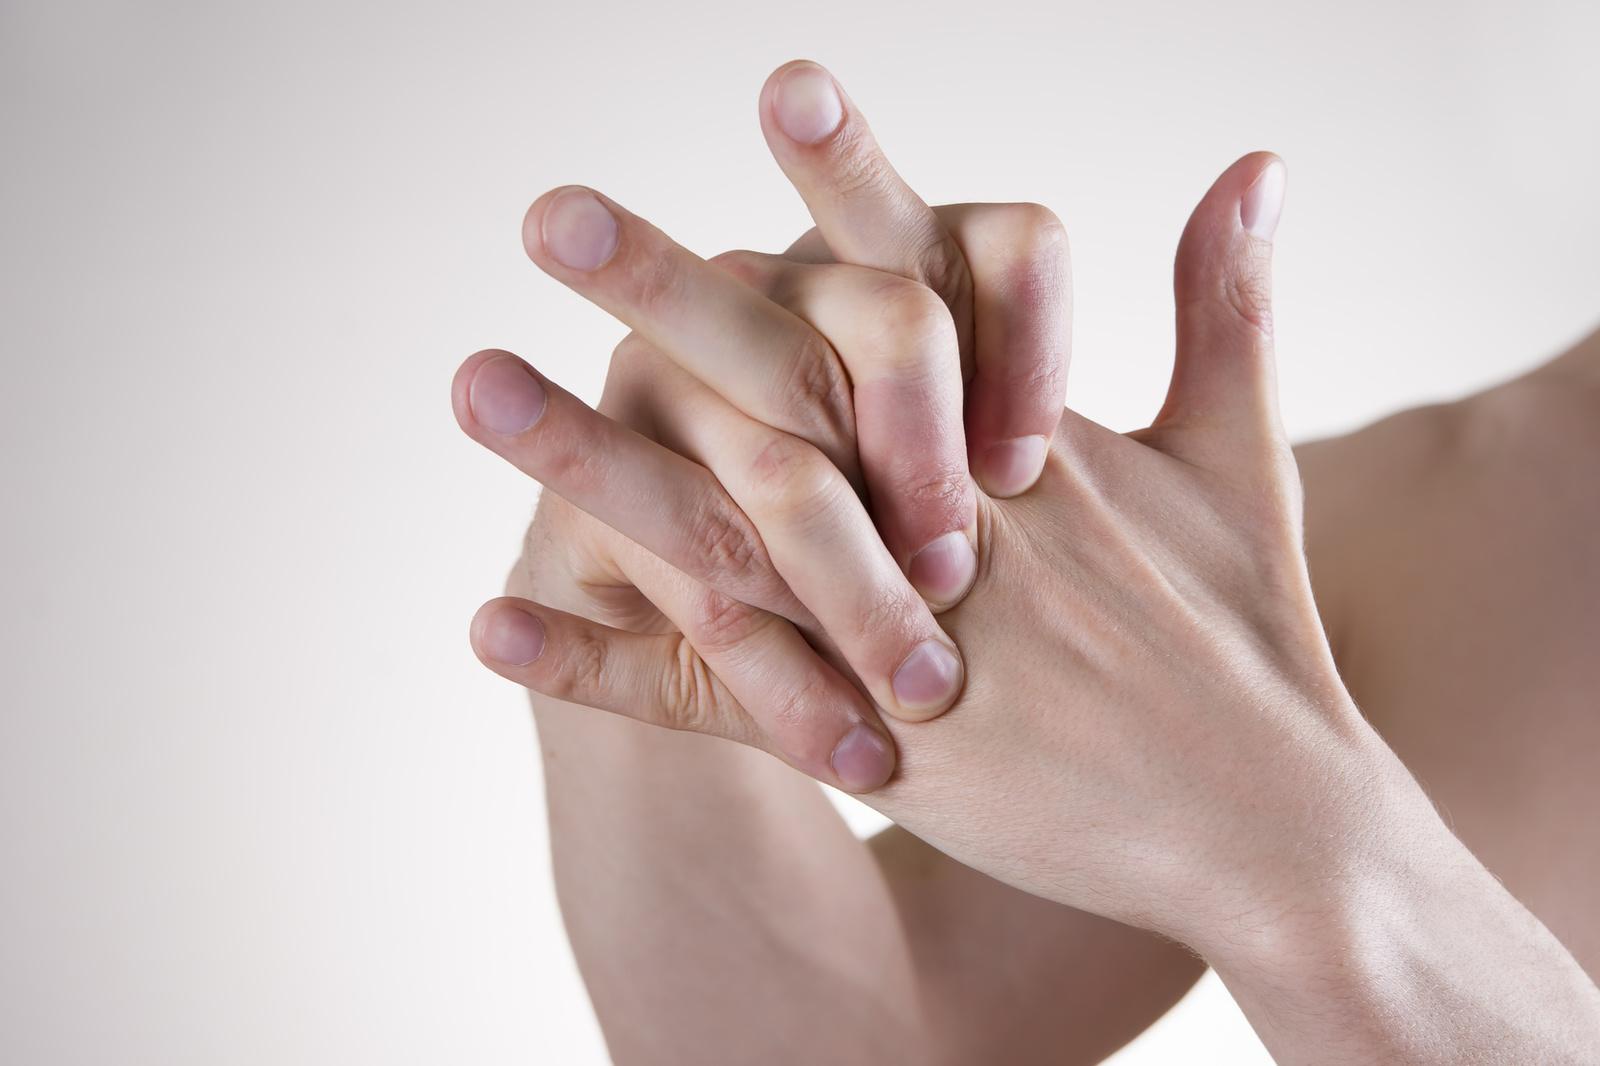 Вредно ли хрустеть пальцами: вред и польза от хруста